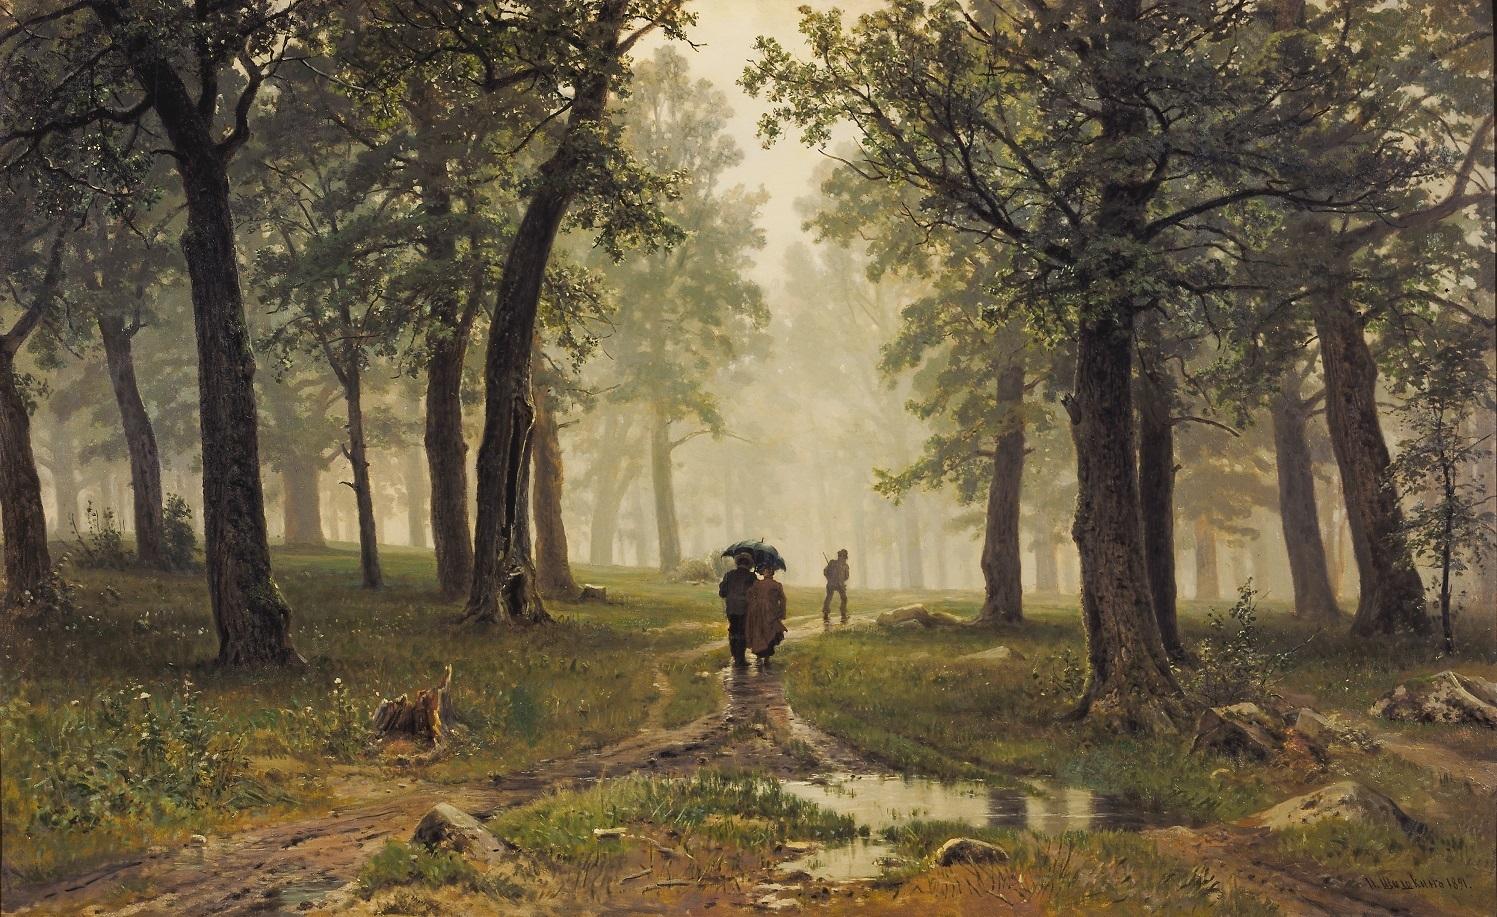 イワン・シーシキン 《雨の樫林》 1891 年 油彩・キャンヴァス (C) The State Tretyakov Gallery